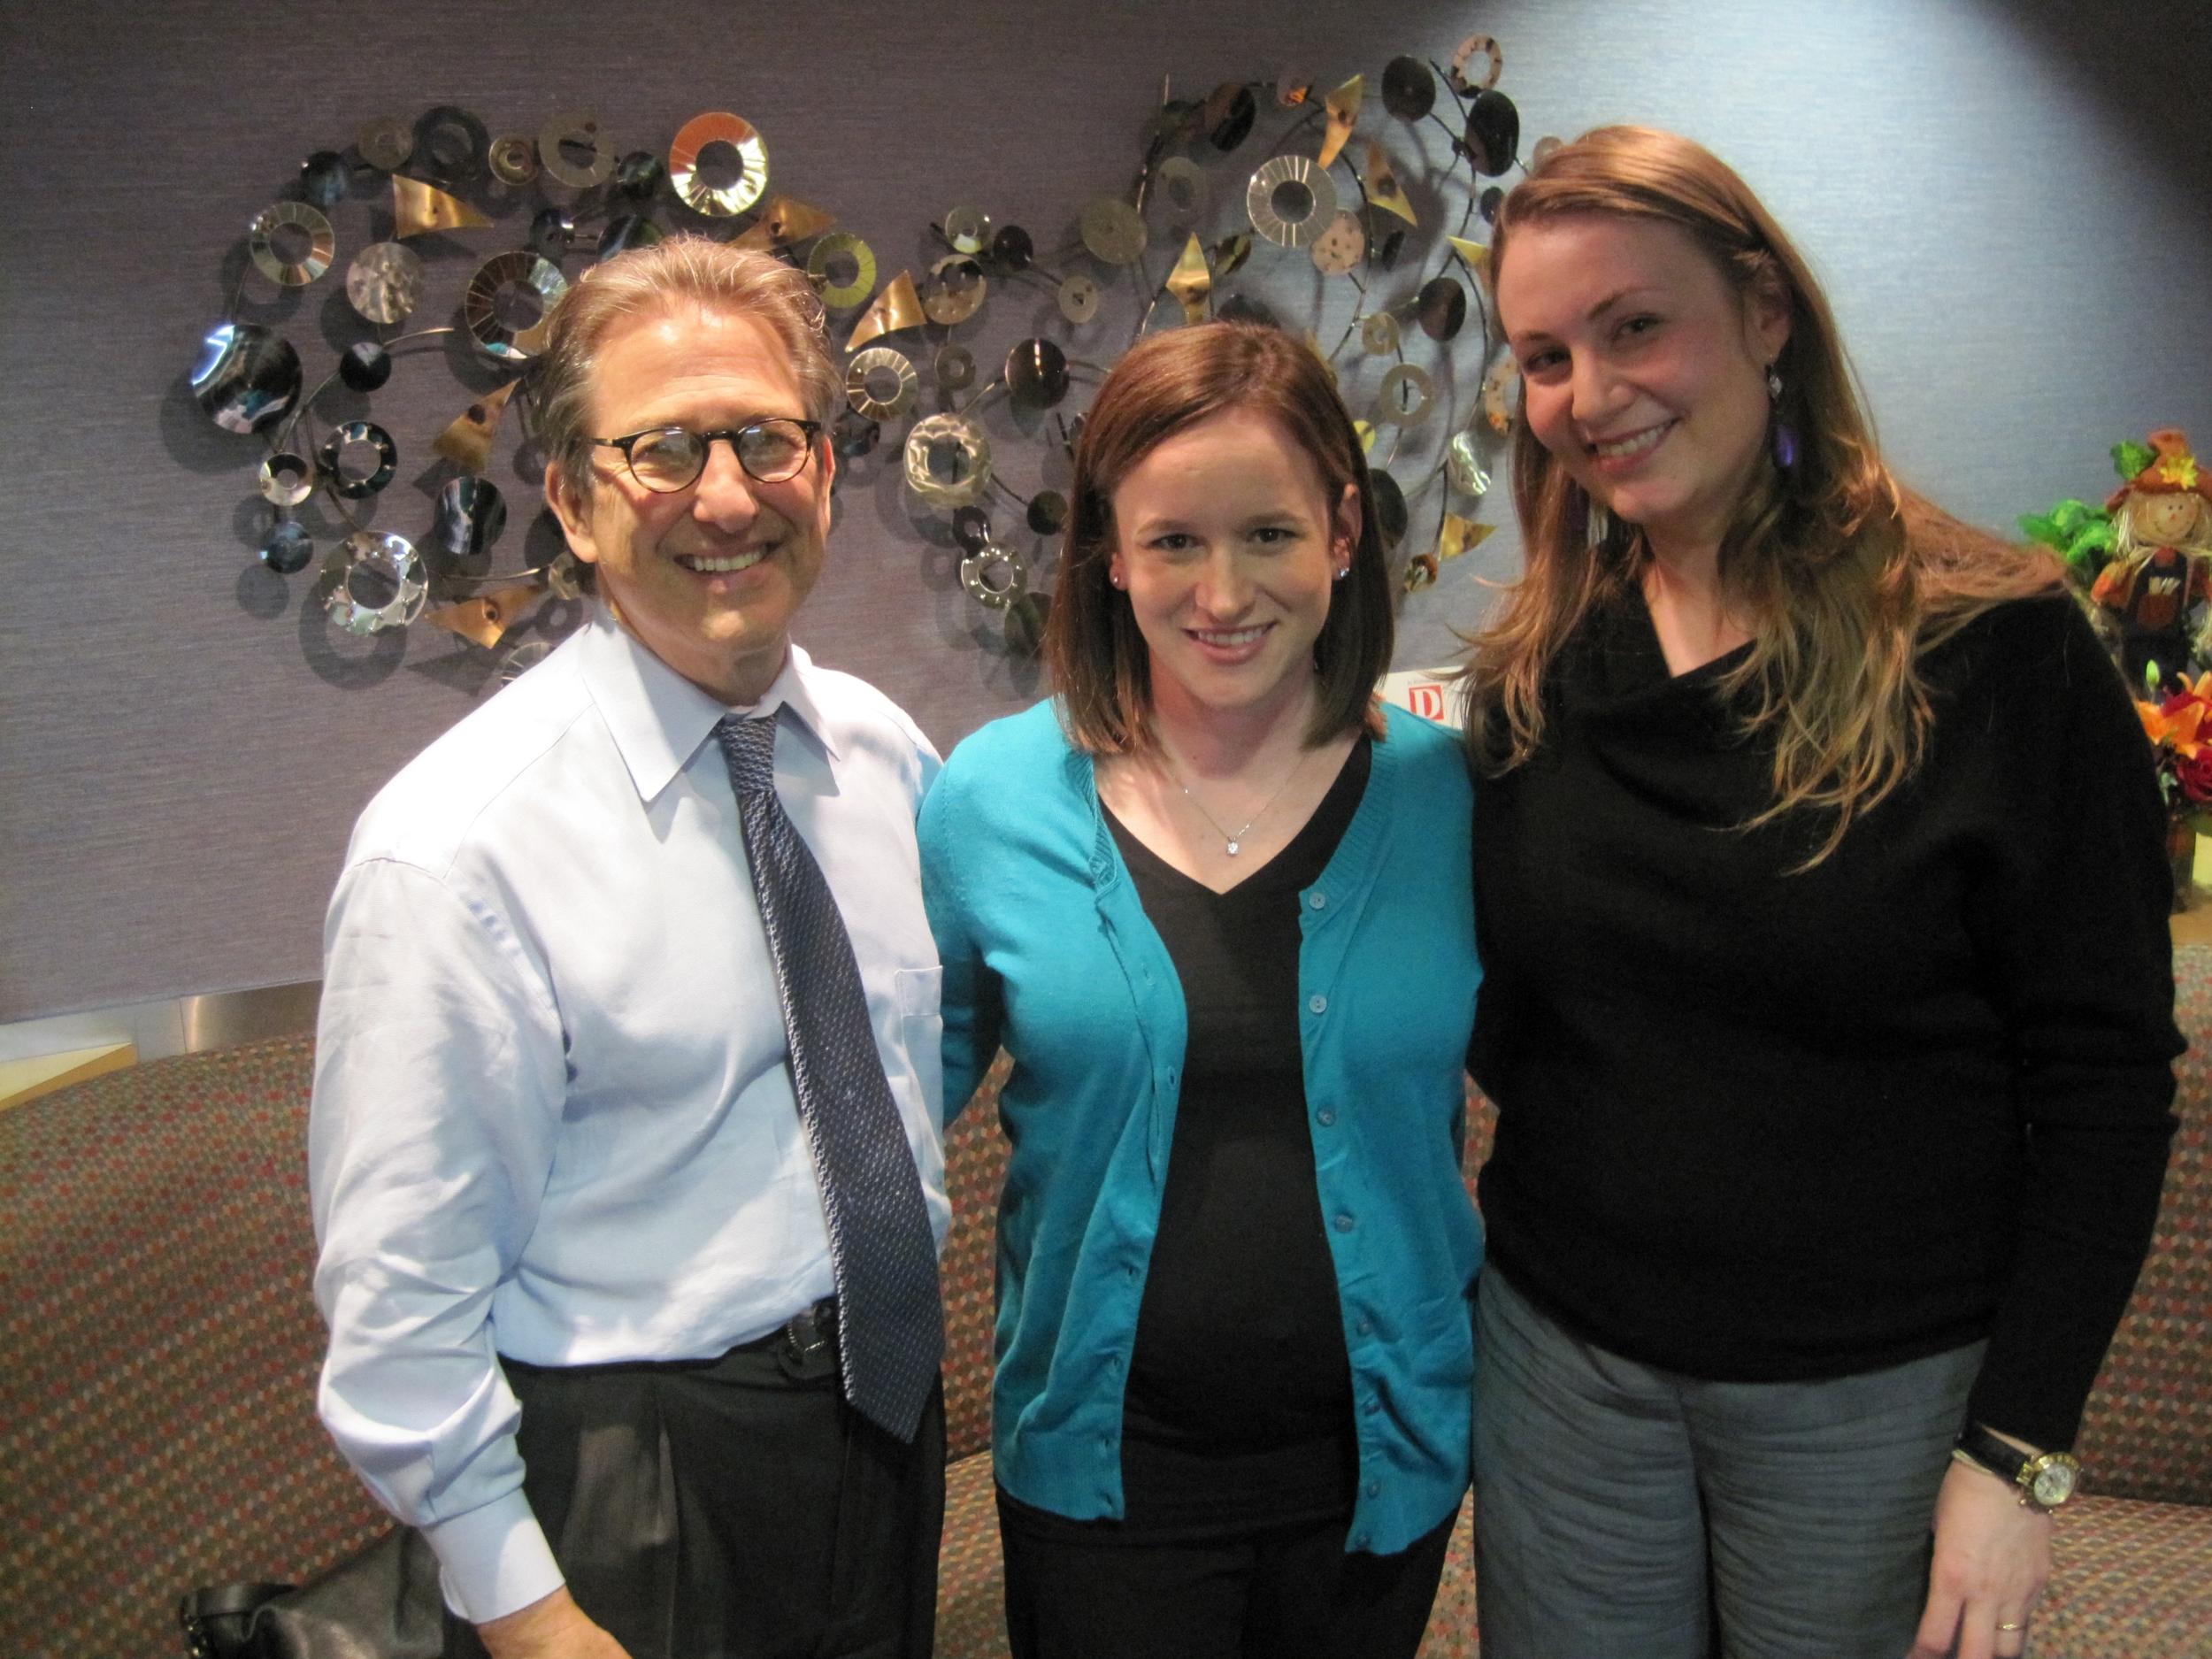 Drs. Mark Geller, Lauren Davis, and Elena Iacob